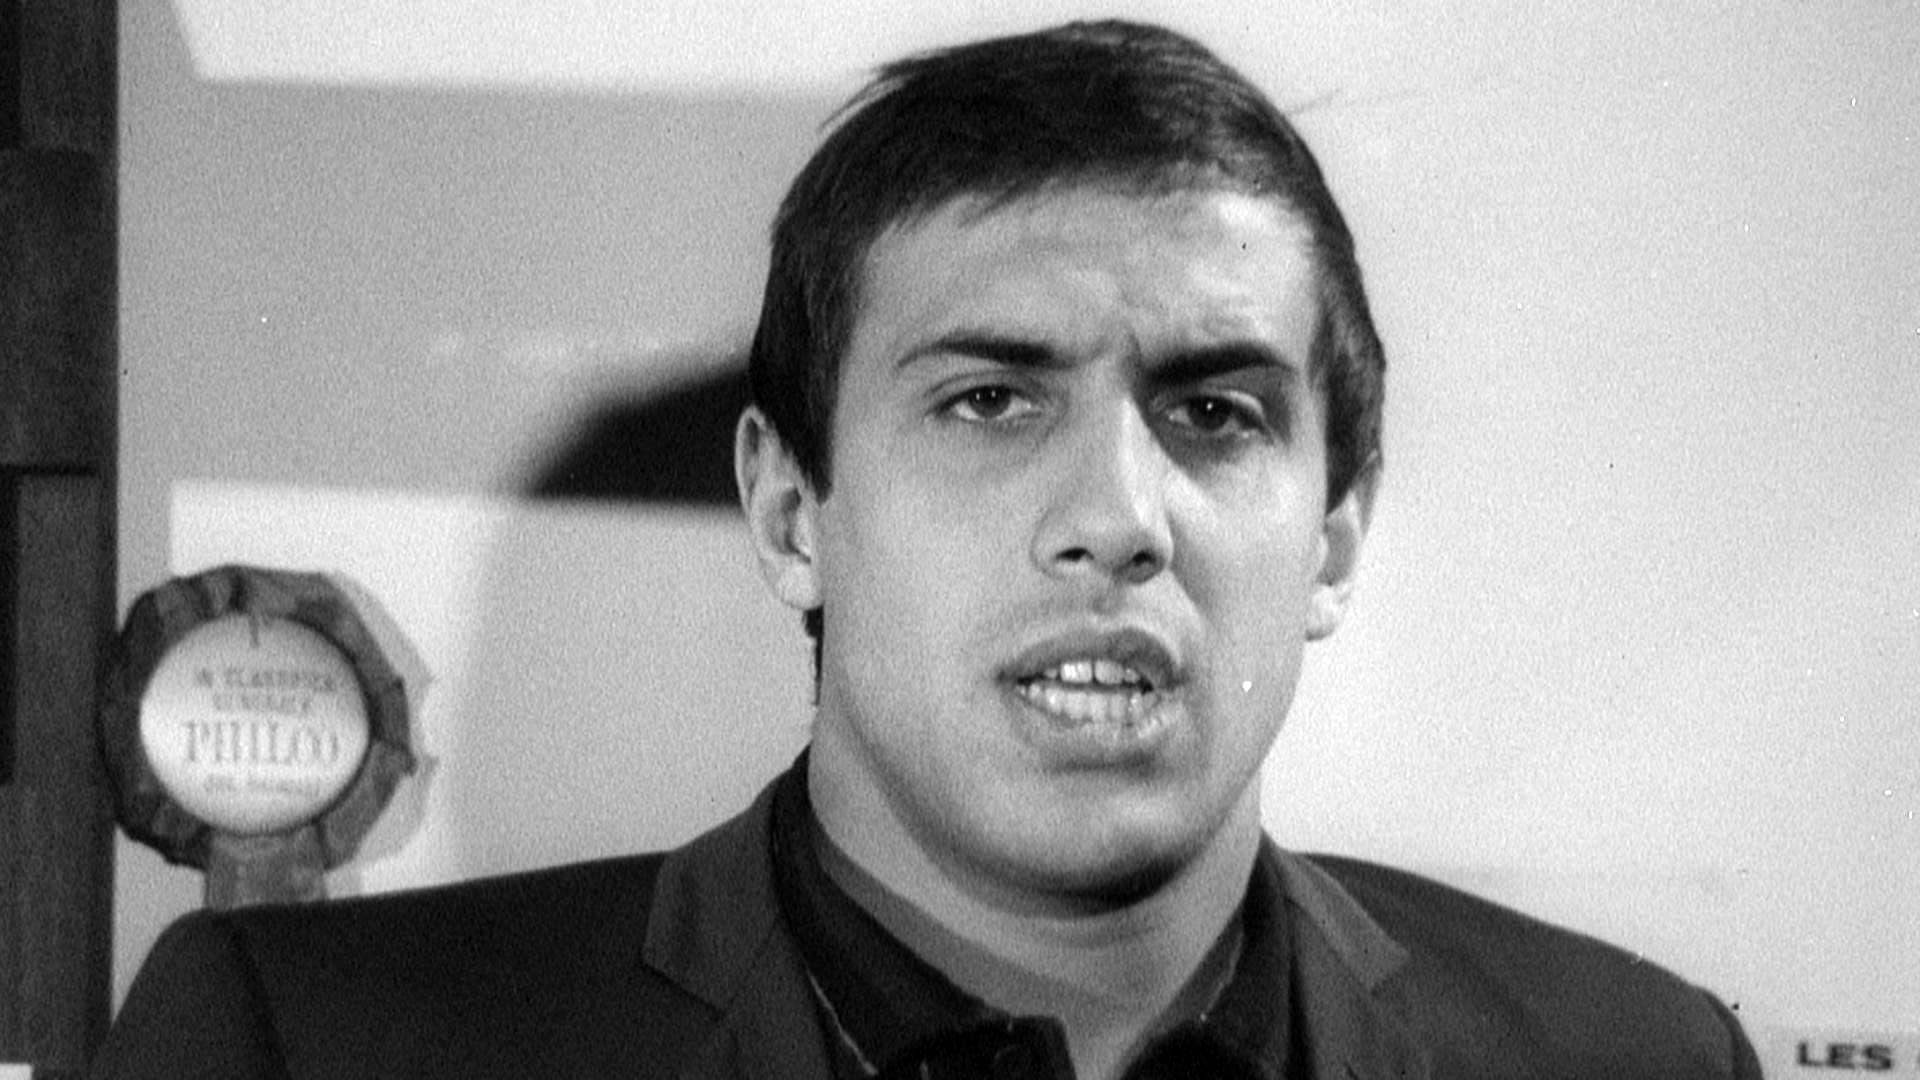 Adriano Celentano Compleanno 80 Anni Canzoni